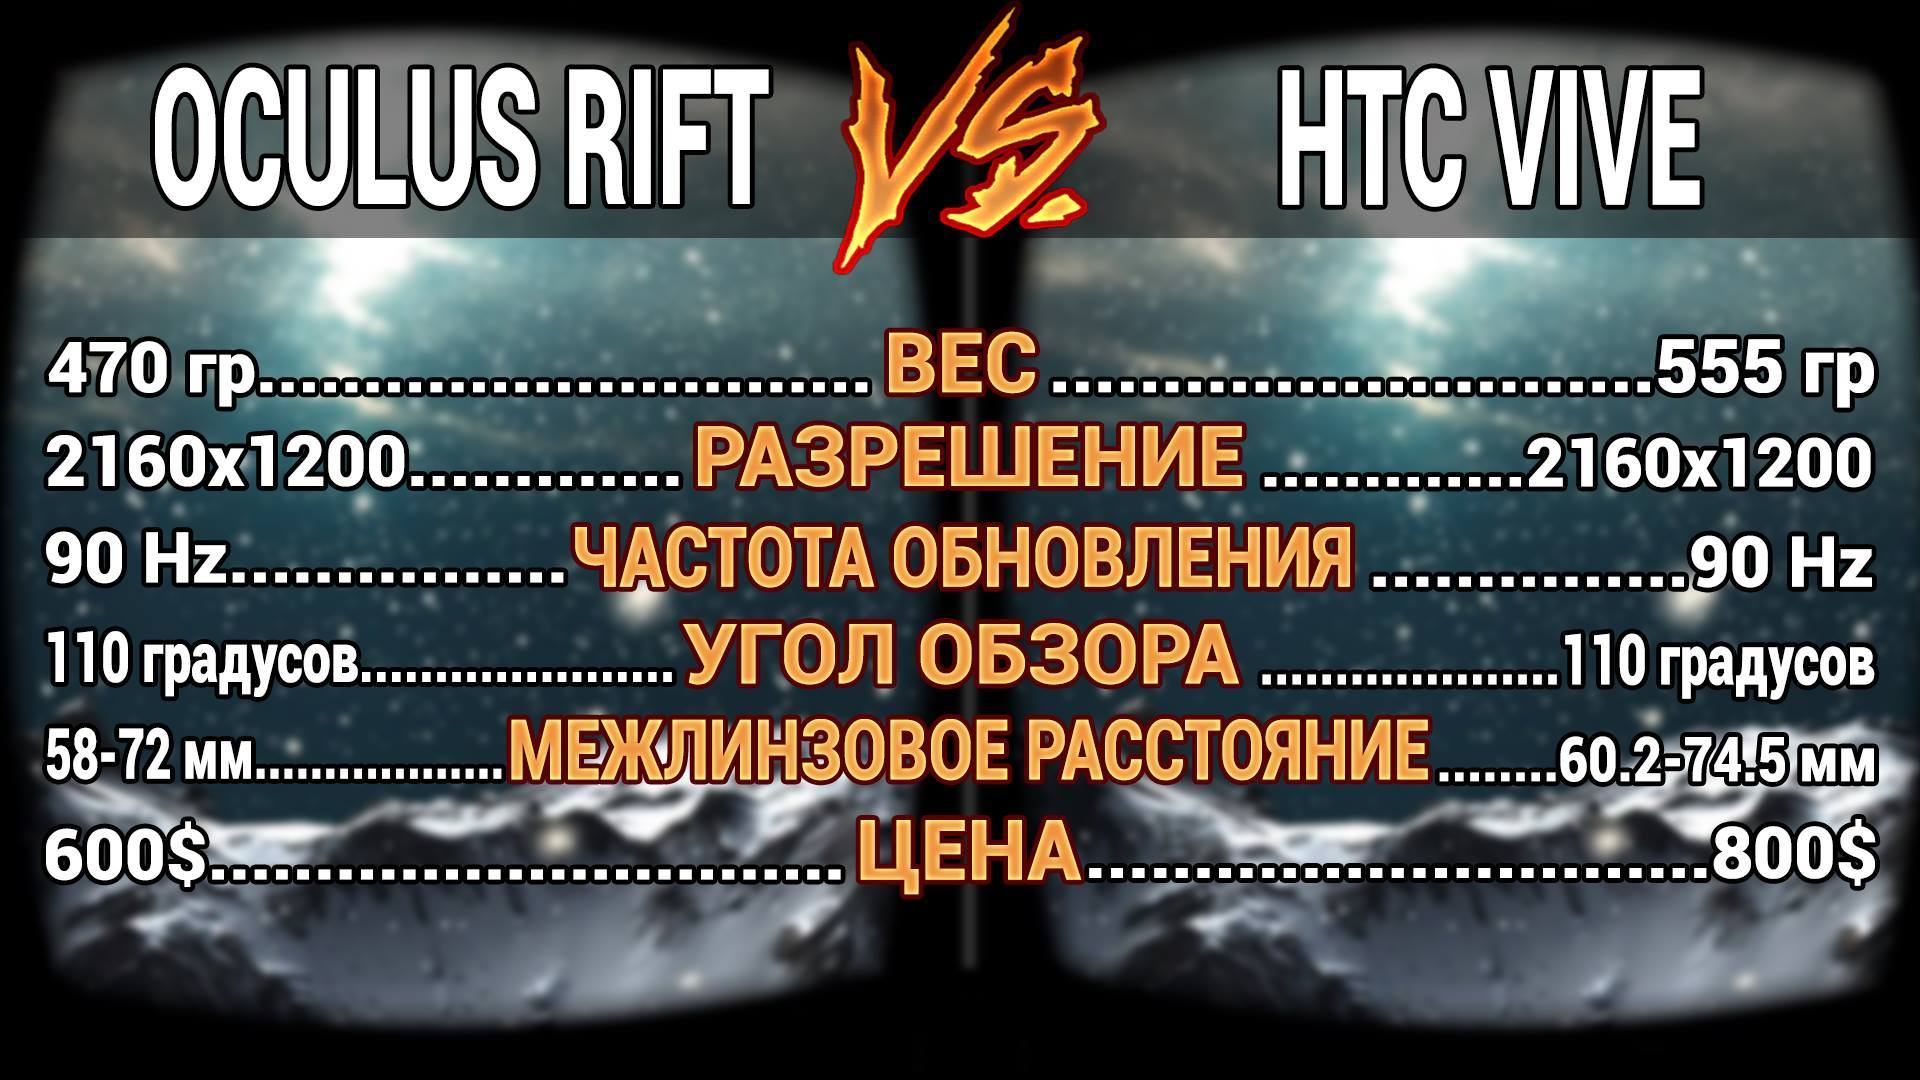 Oculus Rift vs HTC Vive: сравнение двух ведущих шлемов виртуальной реальности - 2